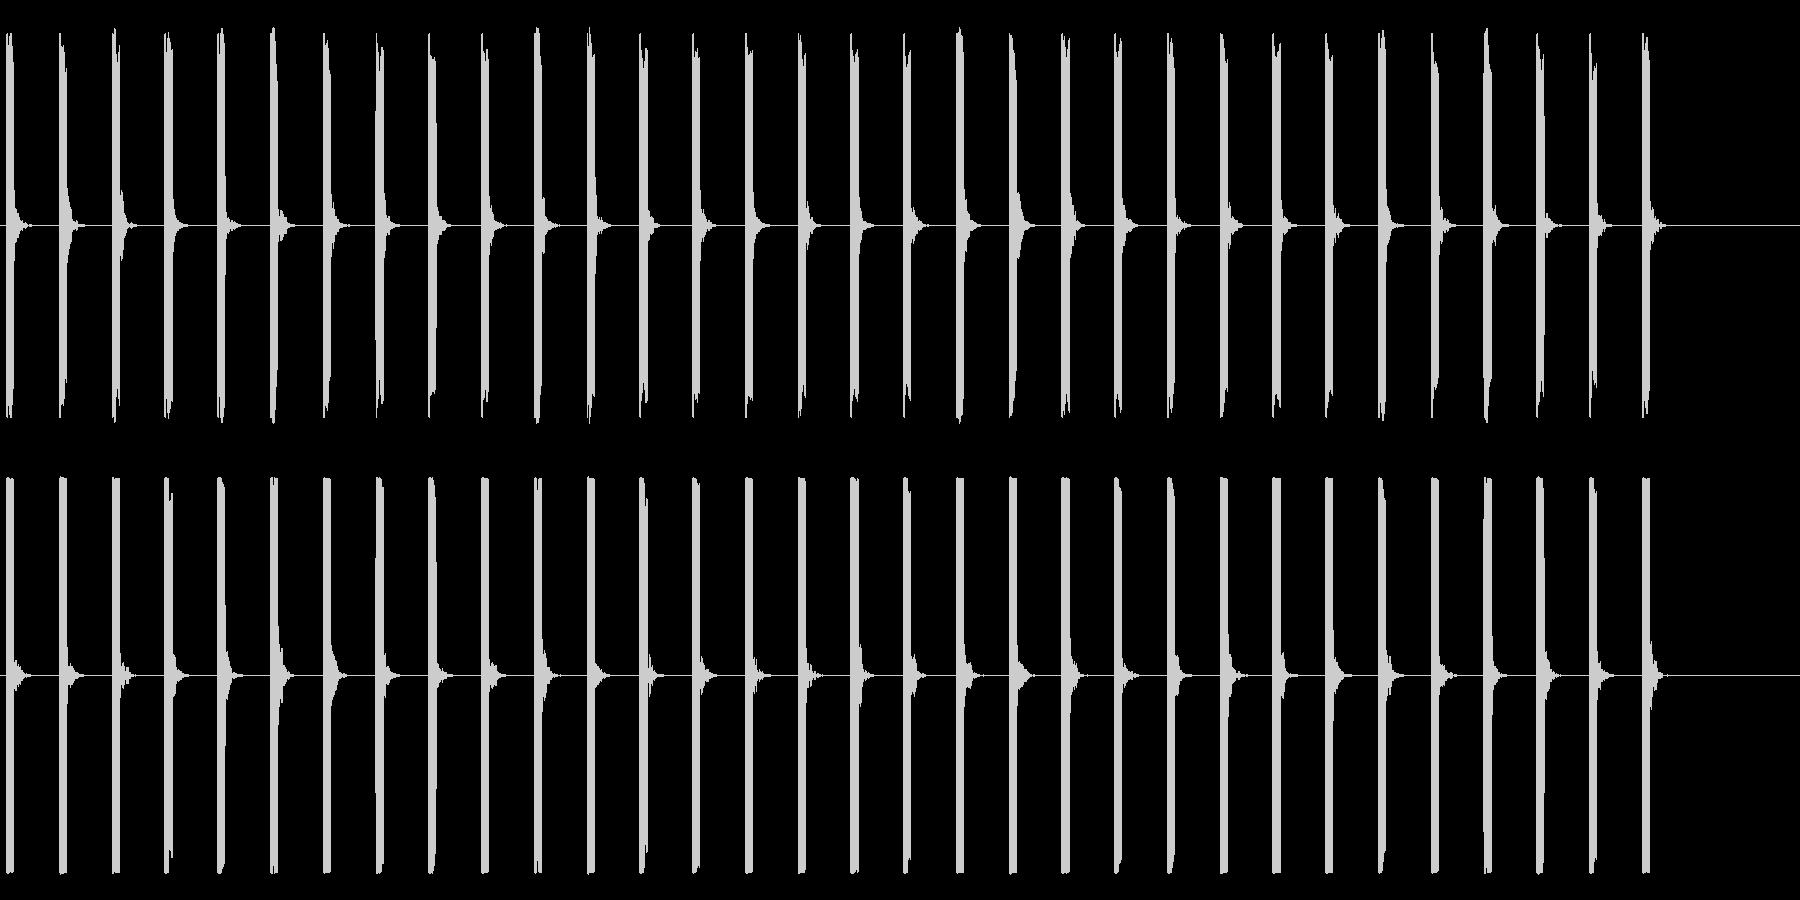 心電図の音-1-2(BPM50)の未再生の波形